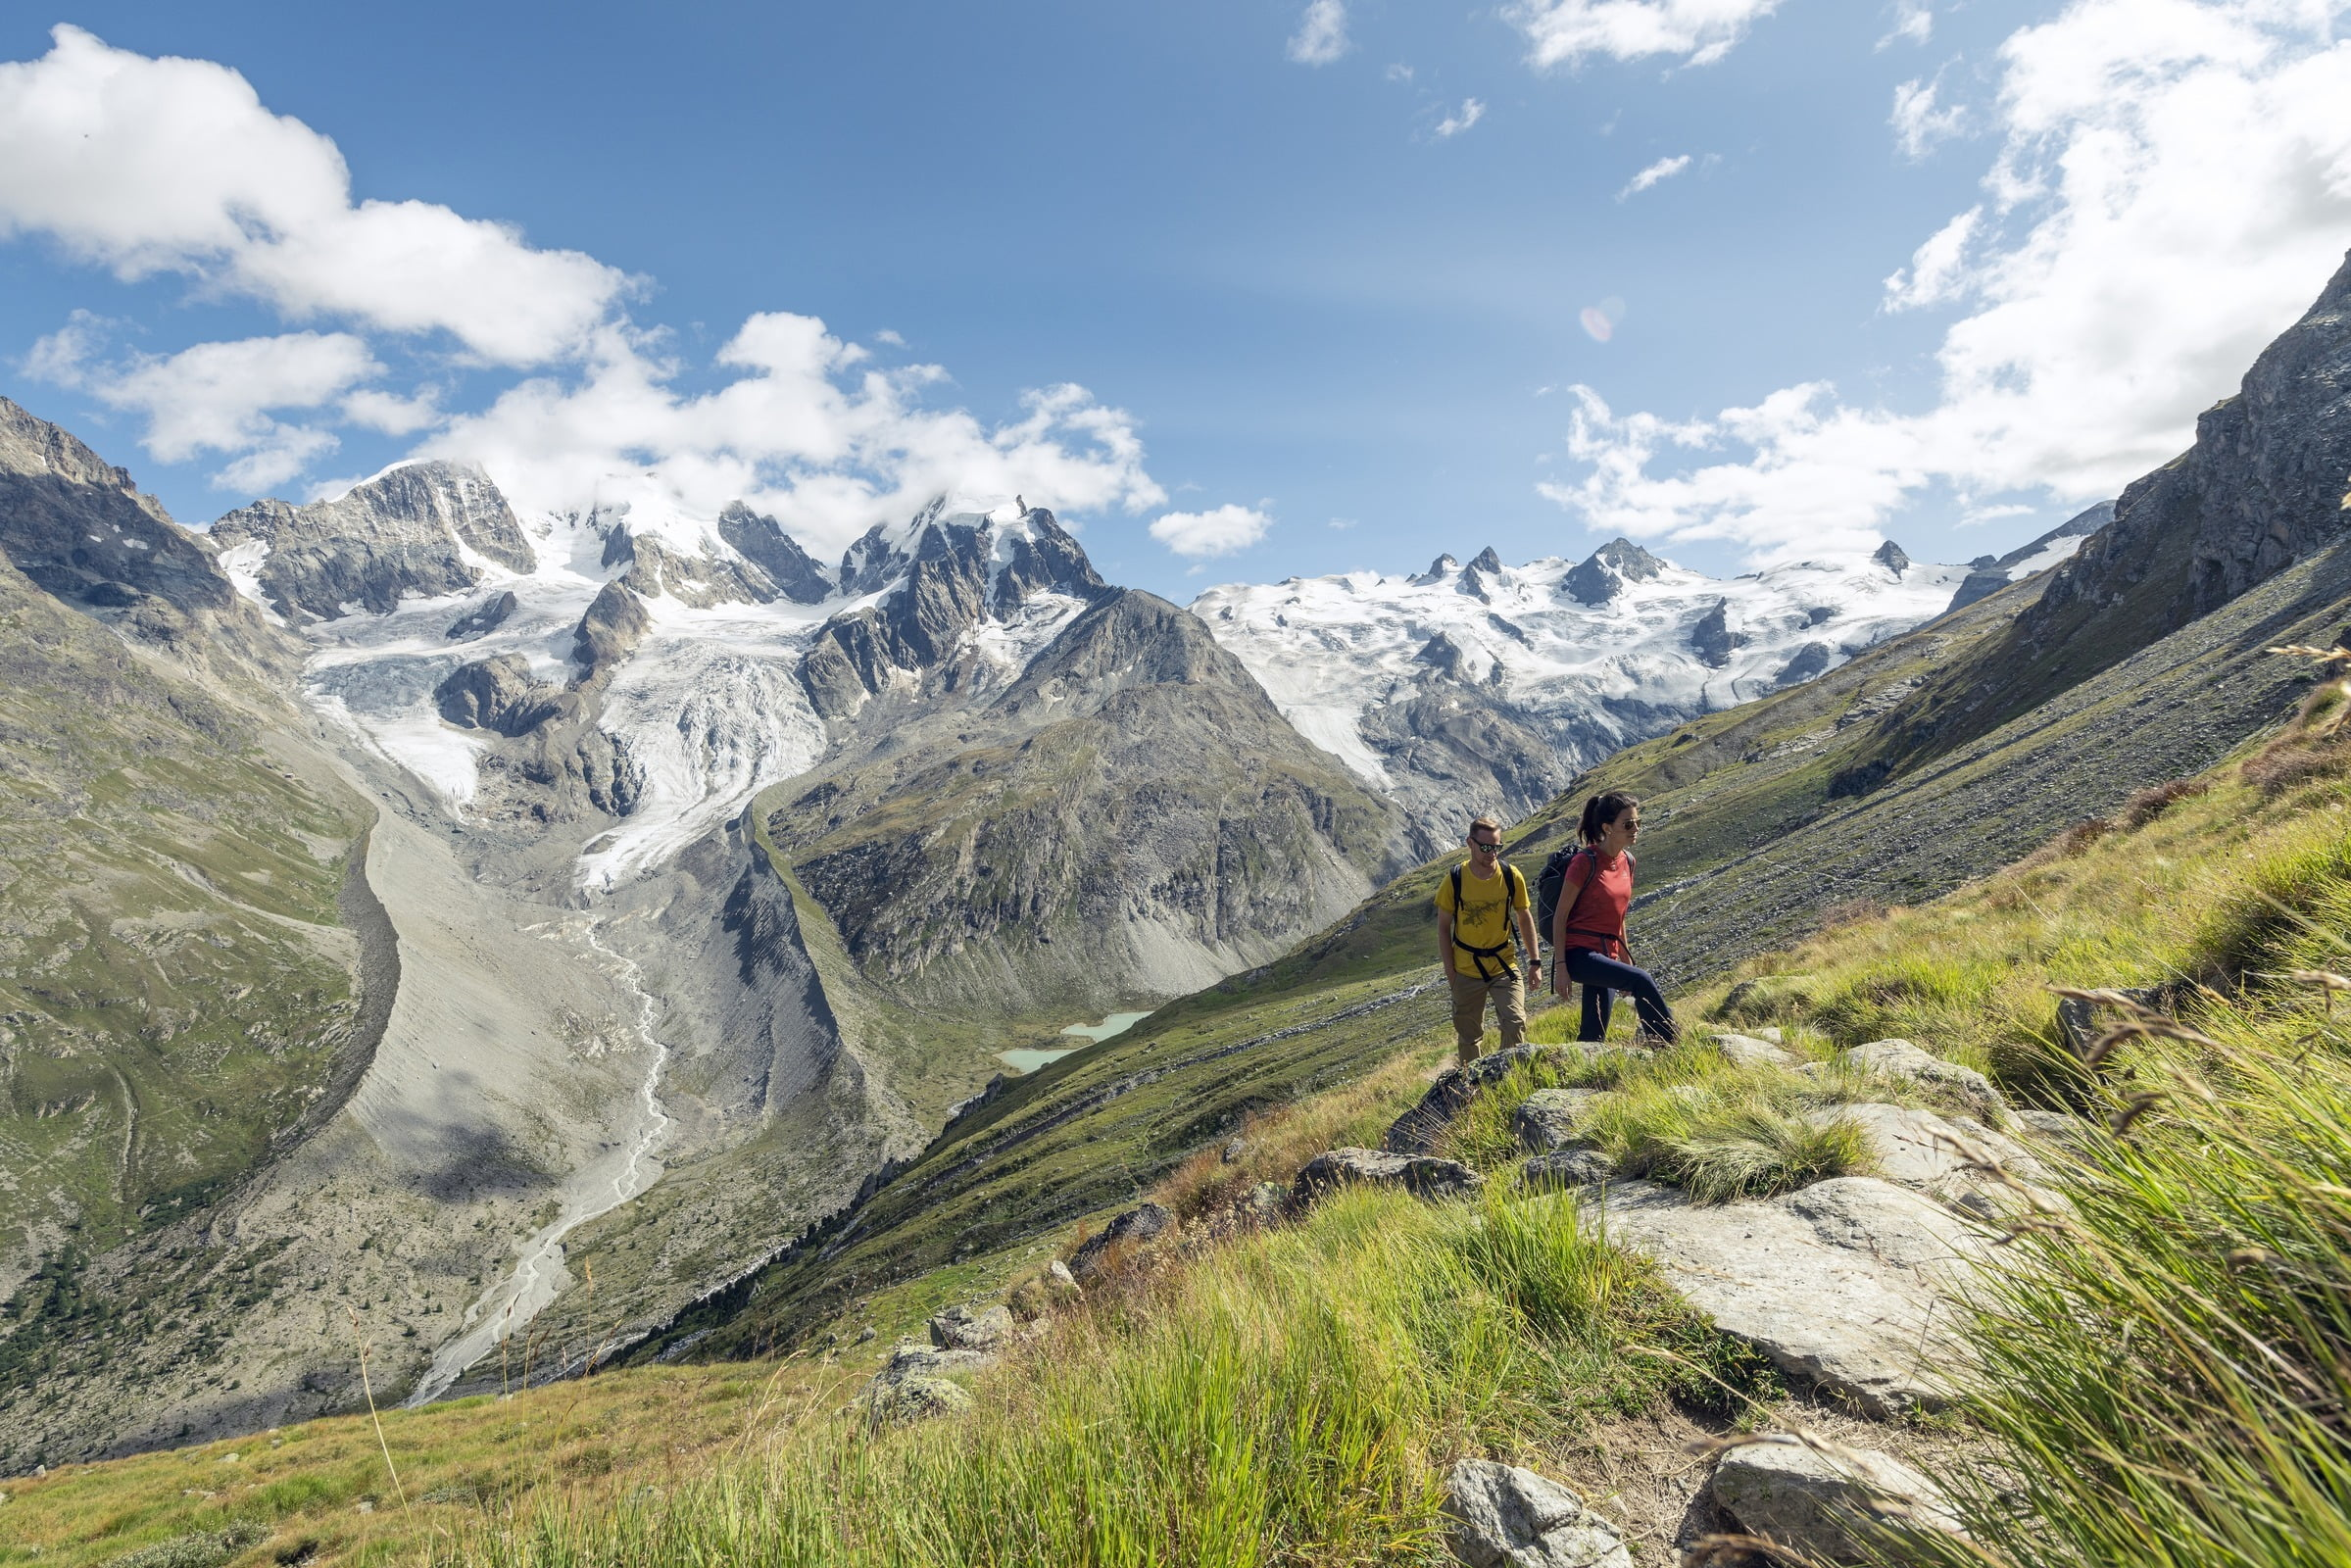 Die Weitwanderung von Poschiavo nach Maloja bietet atemberaubende Aussichten auf das Bernina-Massiv.